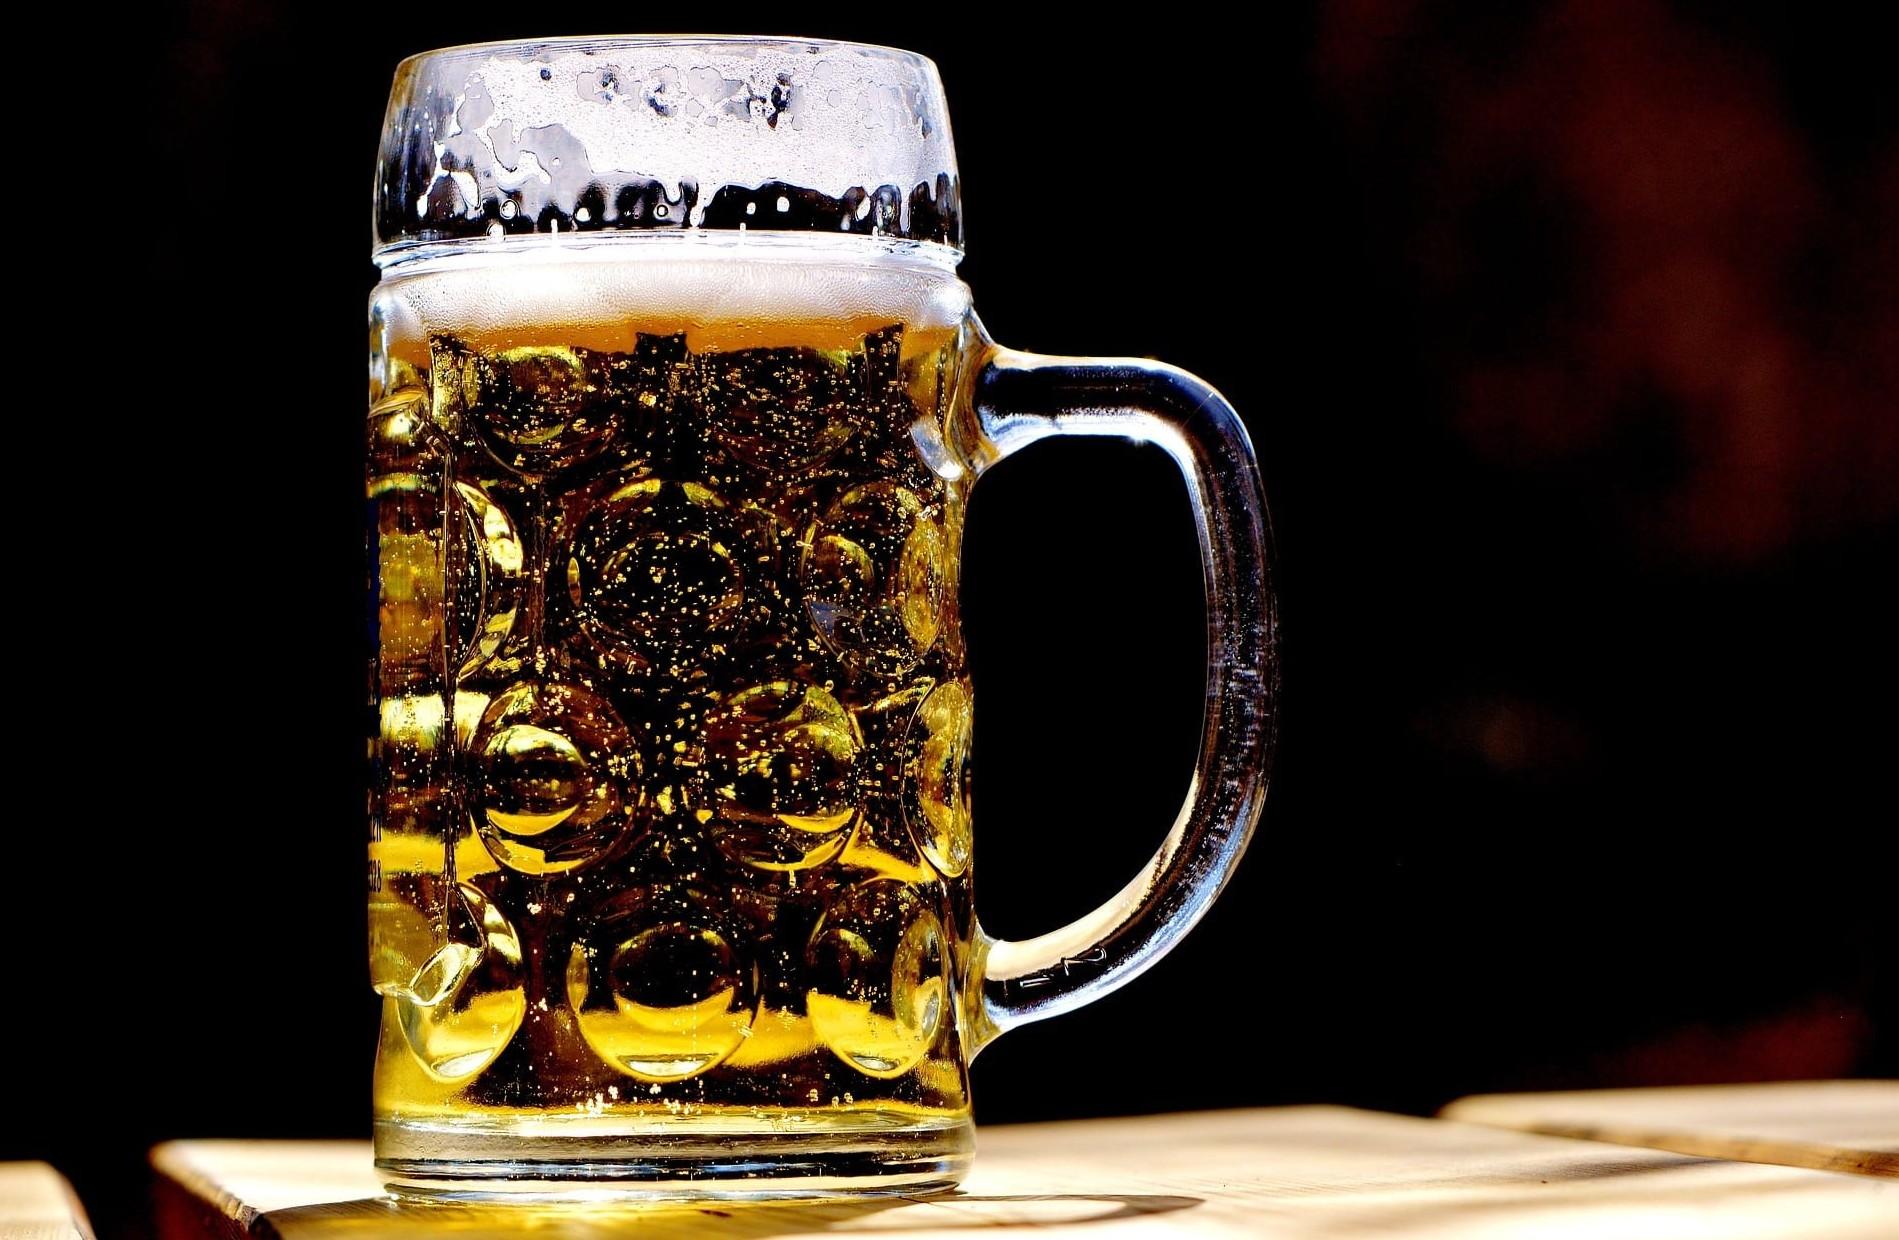 Birra con pesticidi, nuova preoccupante